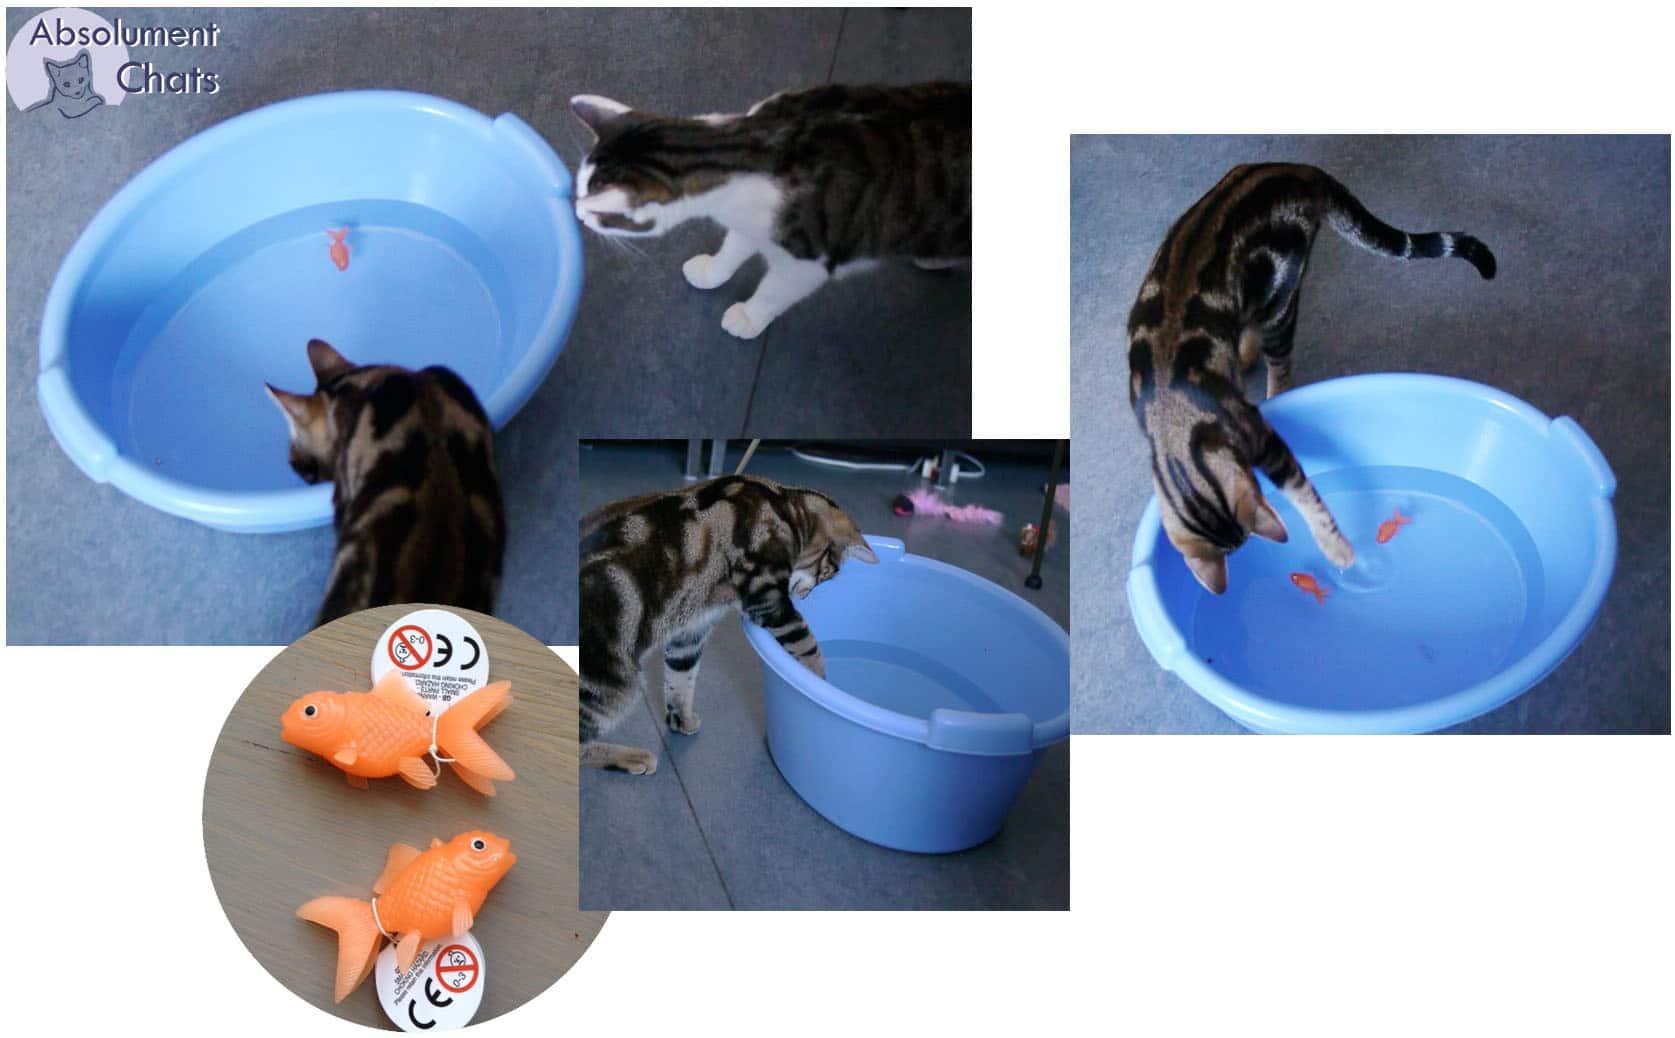 la pche ides simples et pas chres pour amuser les chats absolument chats - Lit A Eau Avec Poisson